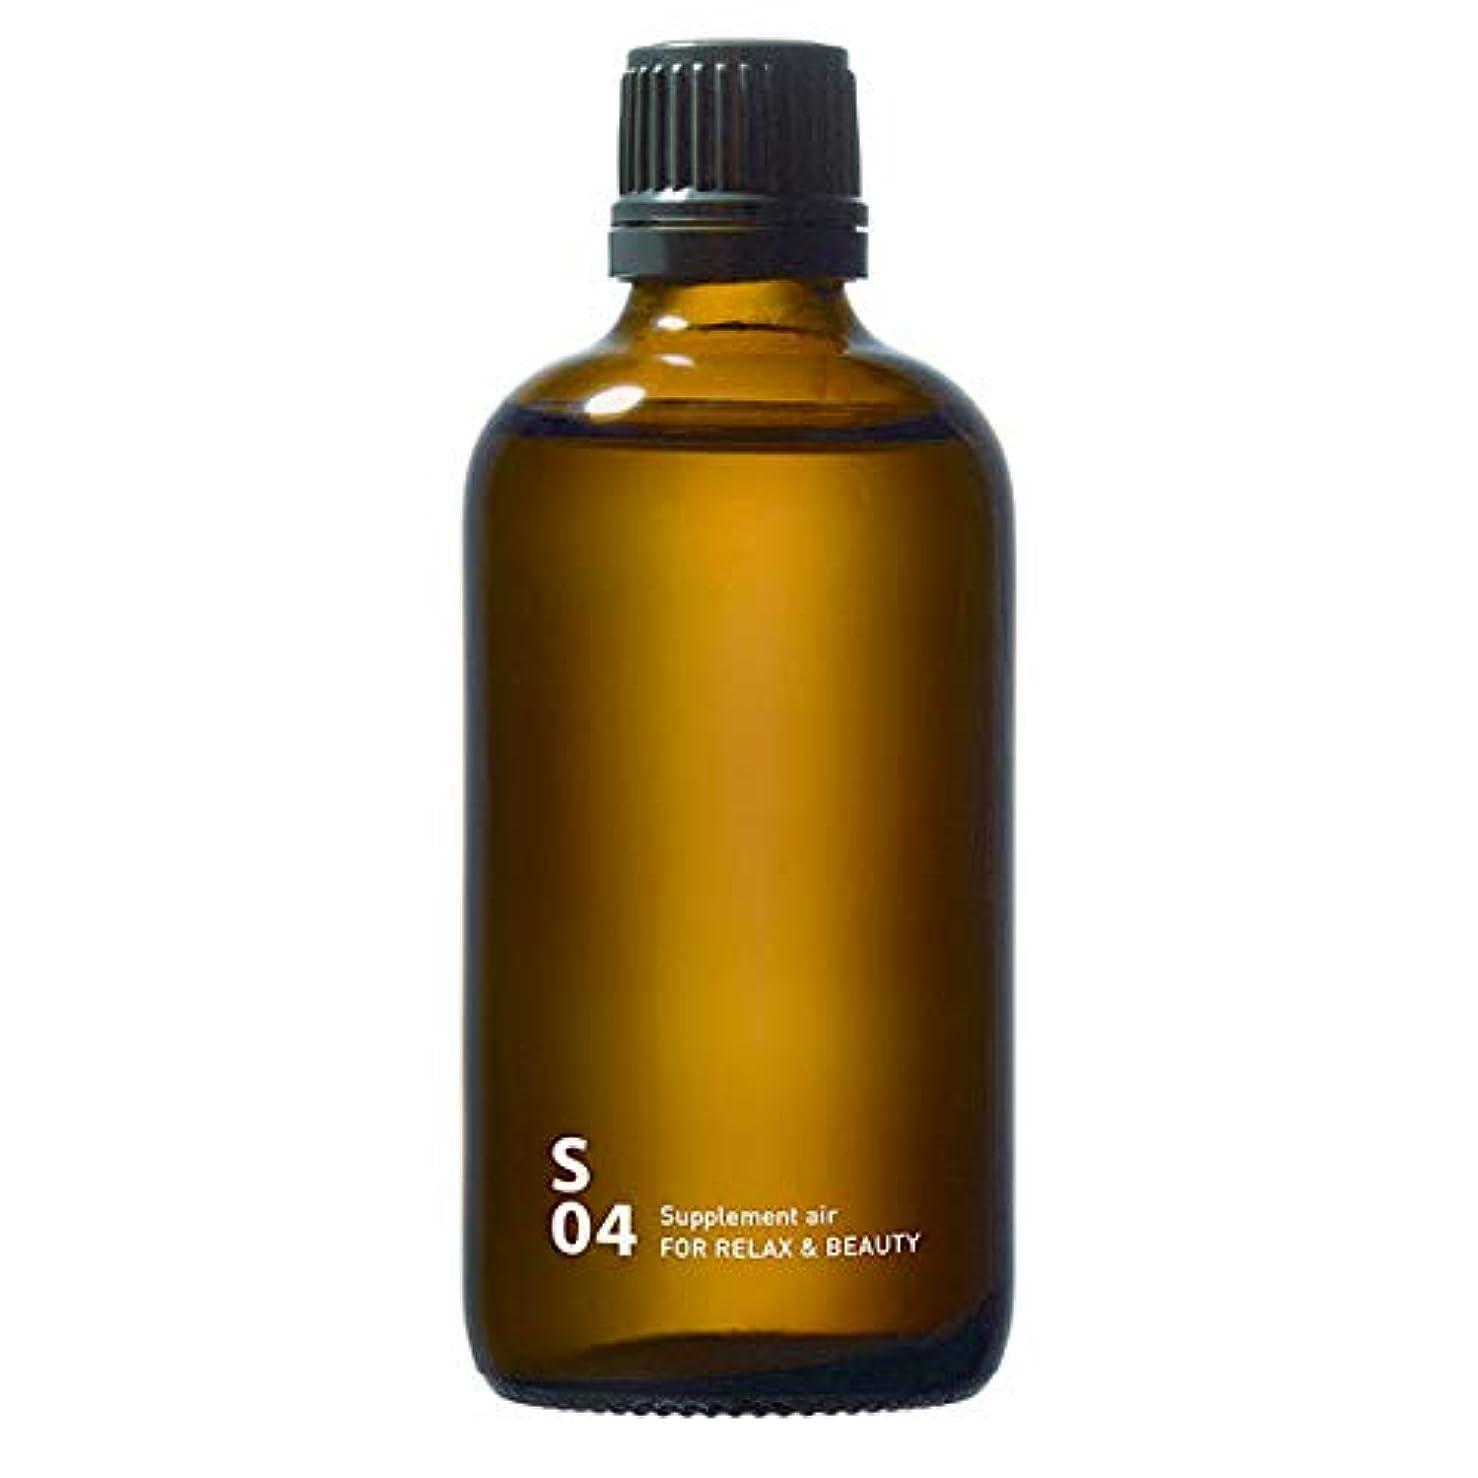 質量ピストン食料品店S04 FOR RELAX & BEAUTY piezo aroma oil 100ml